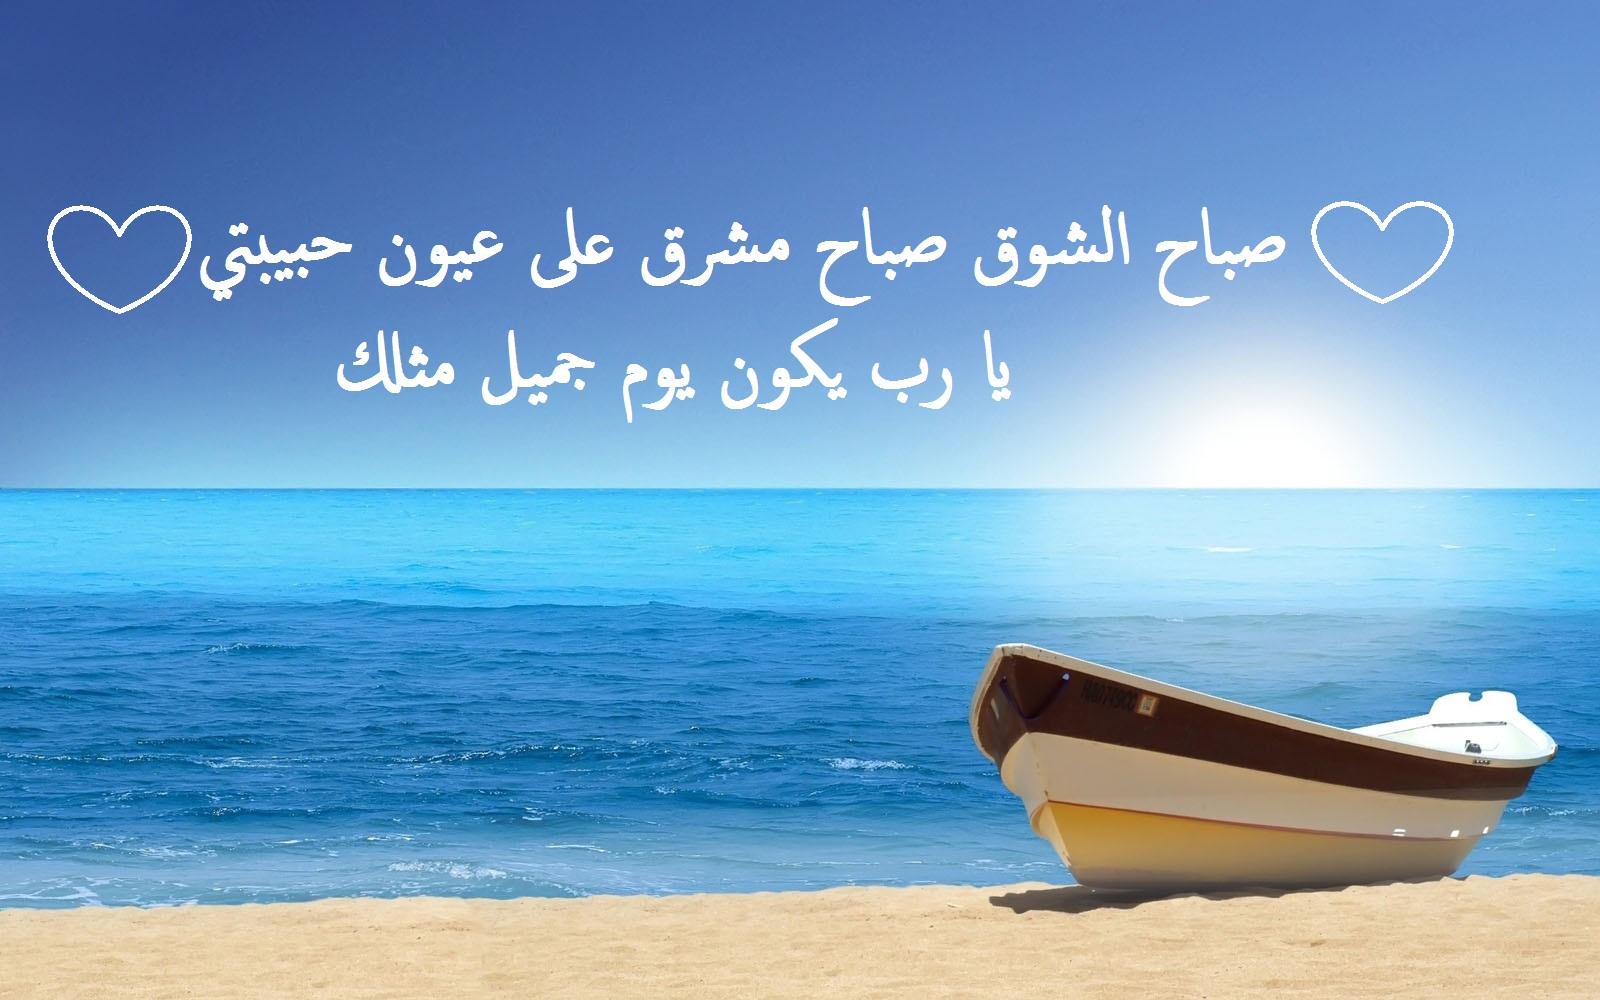 صورة بحر و مركب و كلمات رومانسية للصباح.